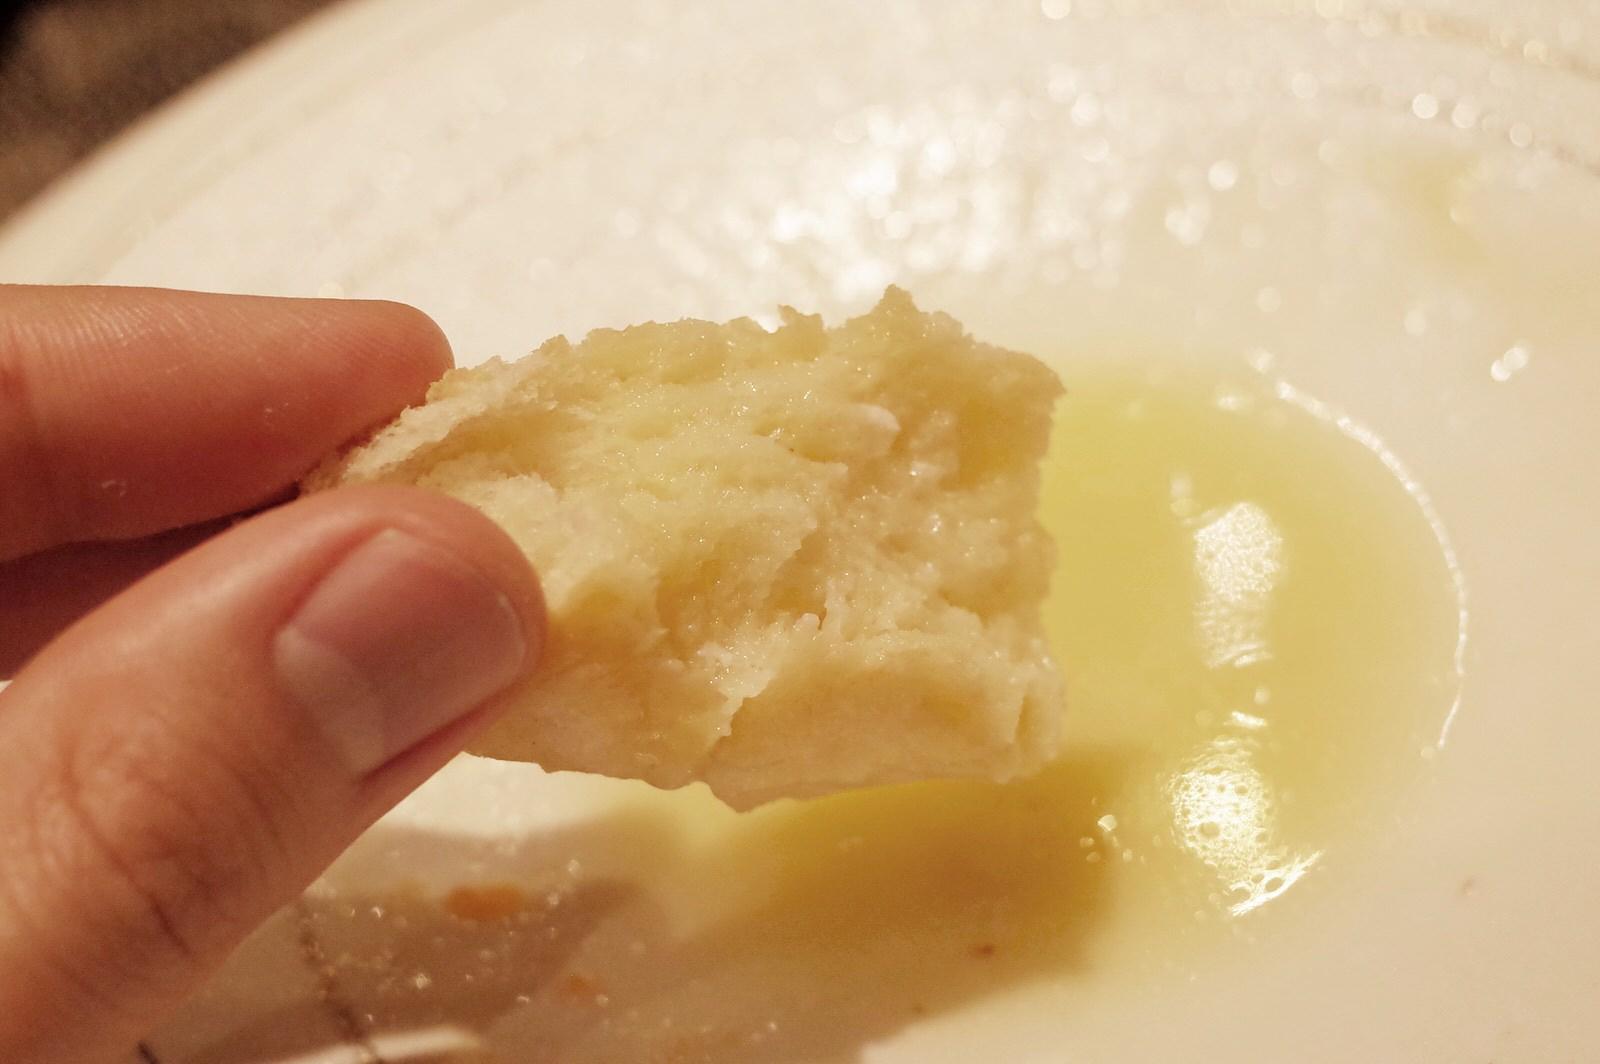 ソースをひたして食べるパン